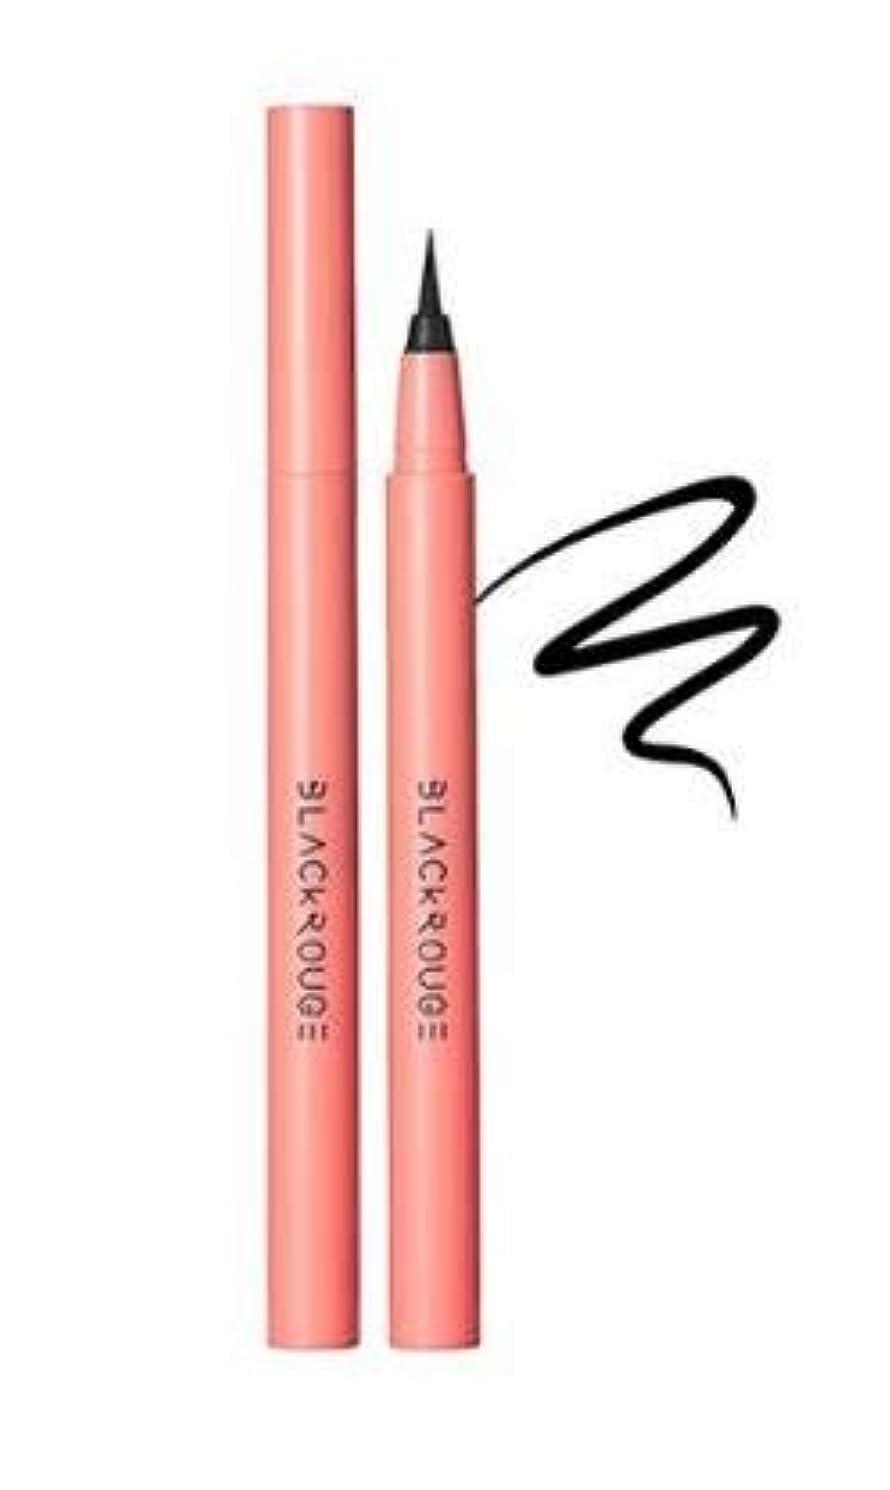 錆びブリーフケース落ち込んでいるBlack Rouge Power Proof Pen Liner (P01 Deep Black) ブラックルージュ パワープルーフ ペンライナー [並行輸入品]